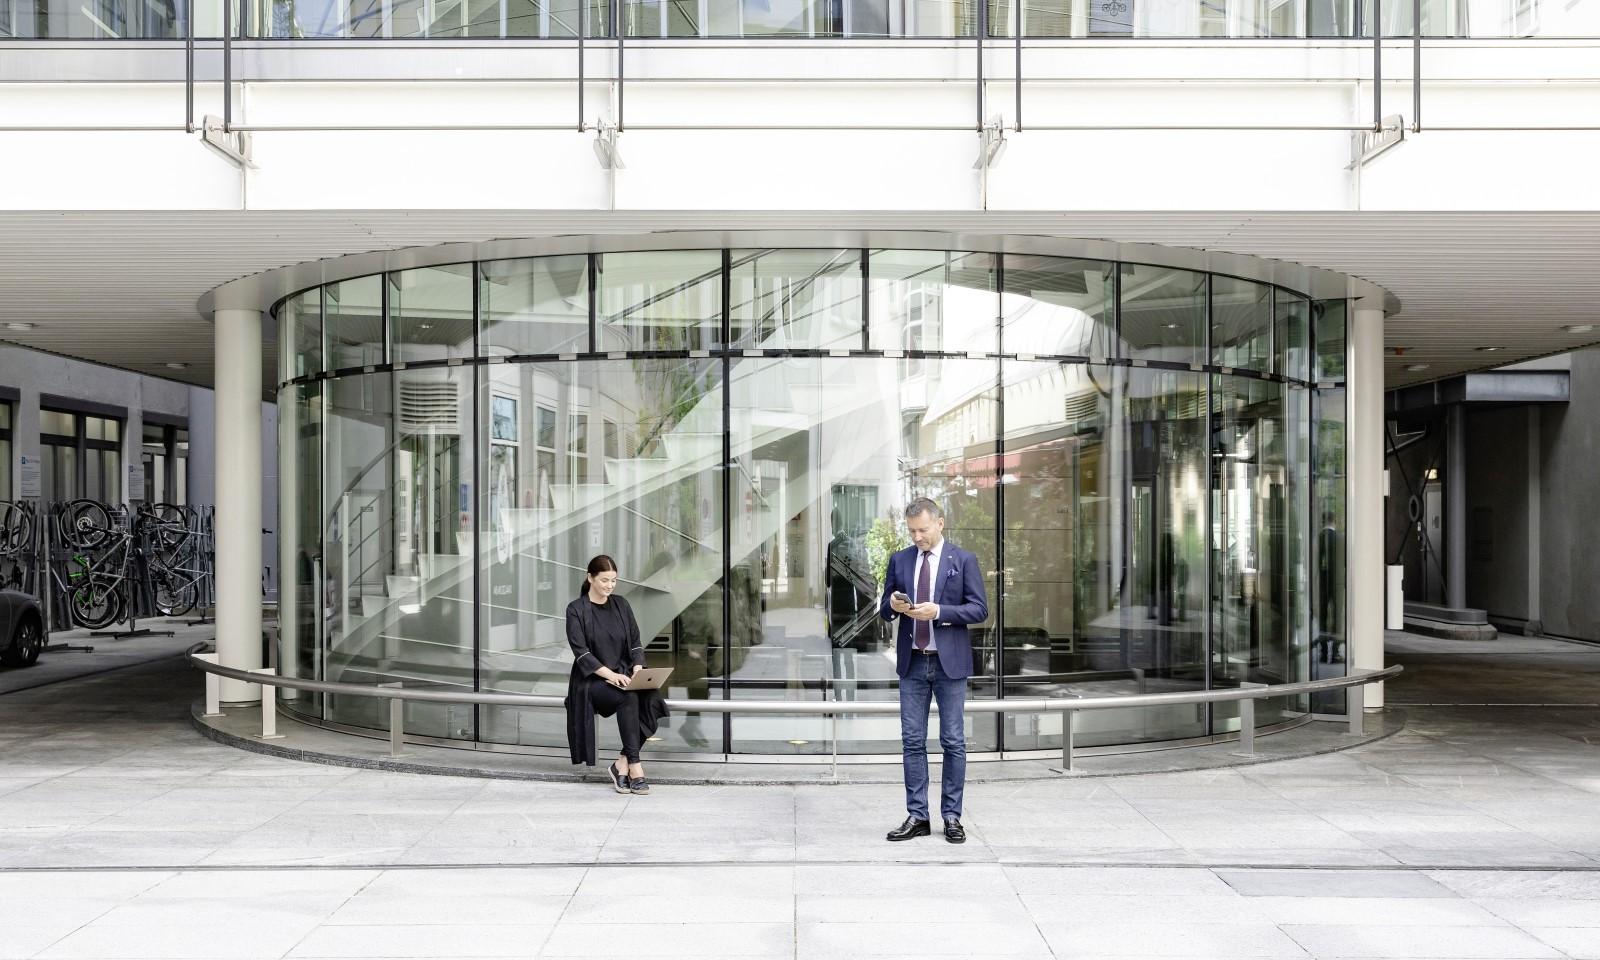 Analityk biznesowy w świecie finansów